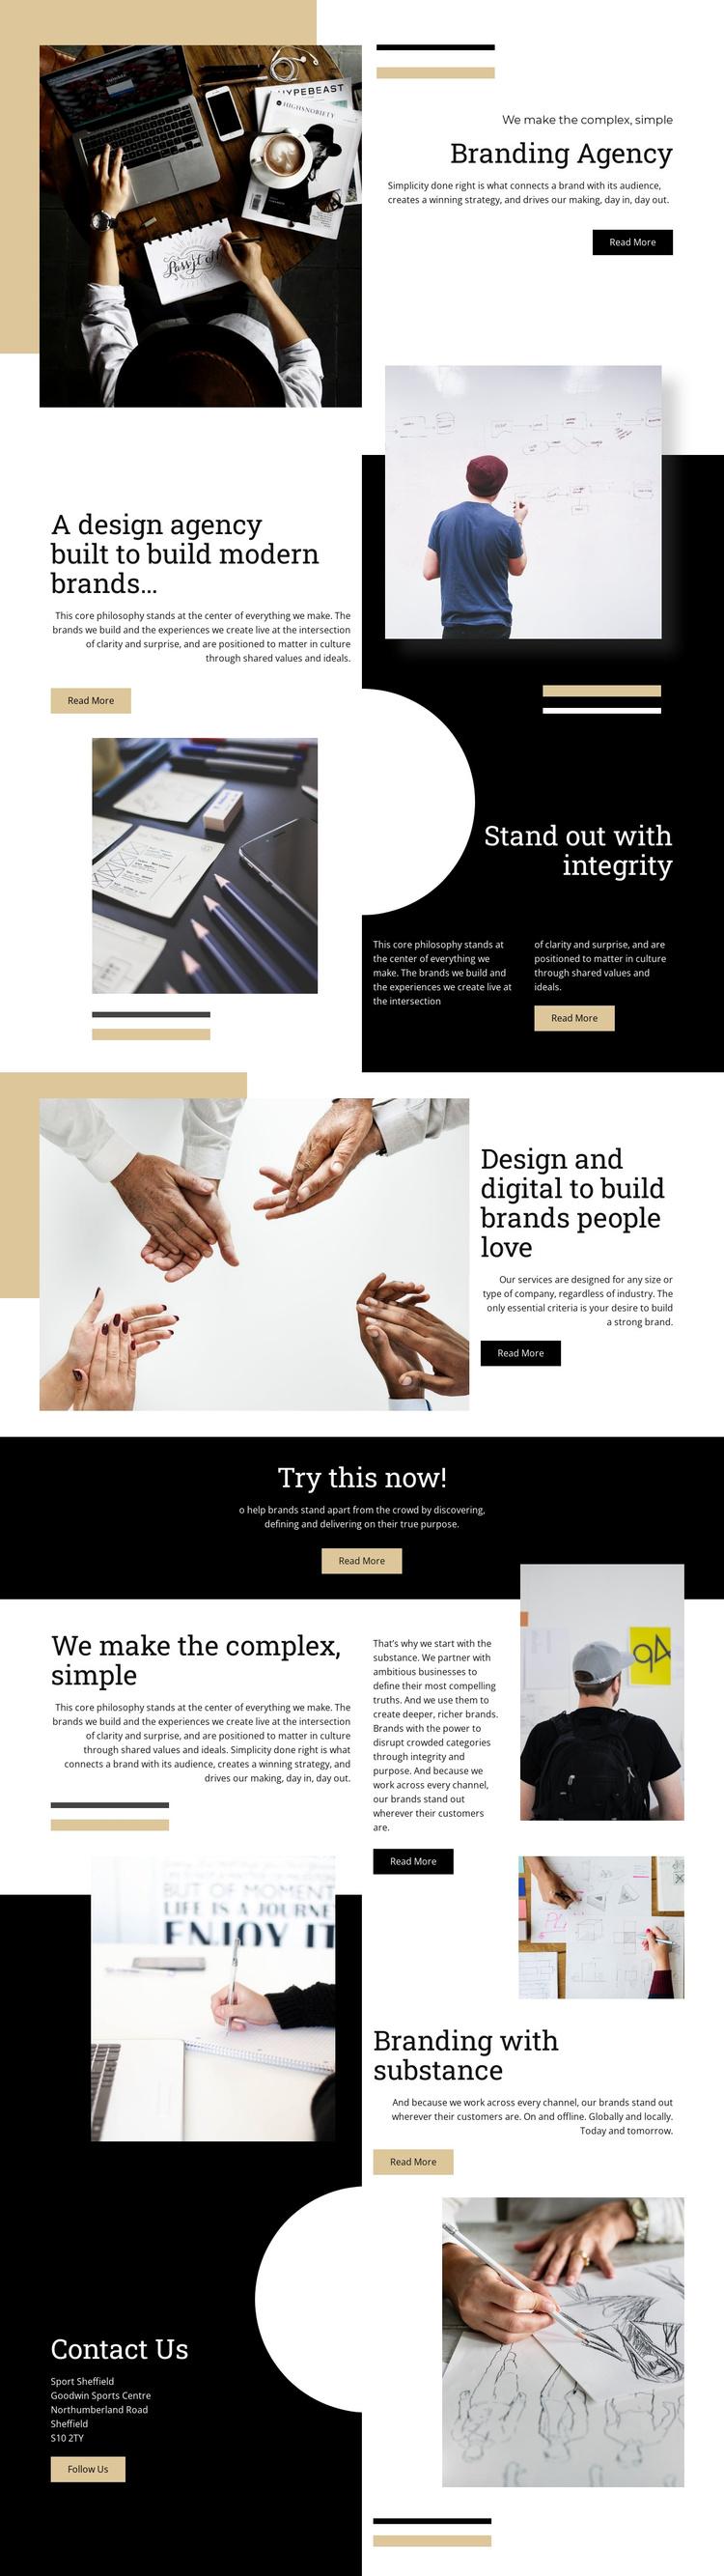 Branding Agency Joomla Template